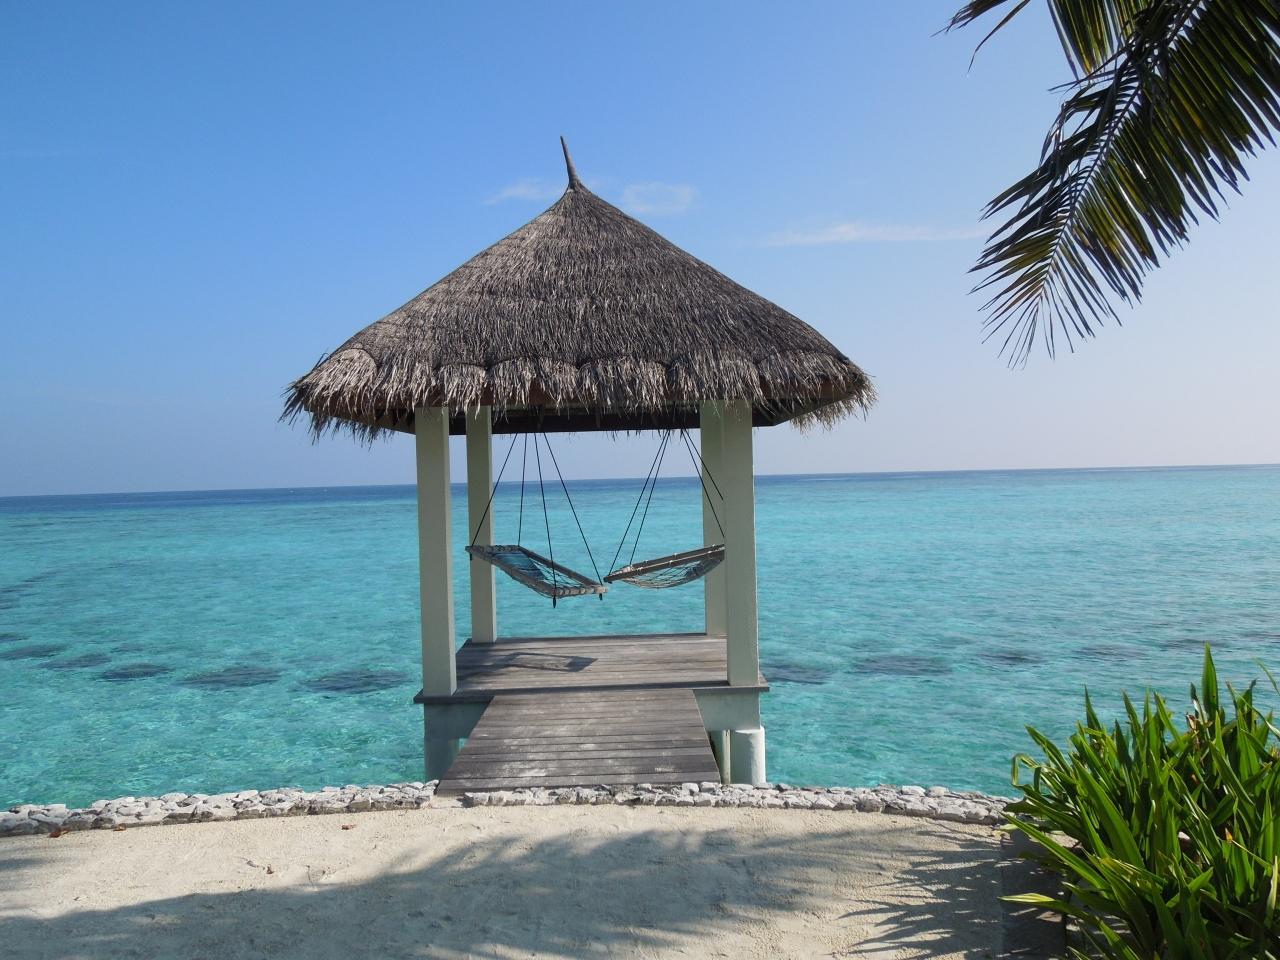 新婚旅行は青い海に水上コテージ!と決めており、モルディブへ